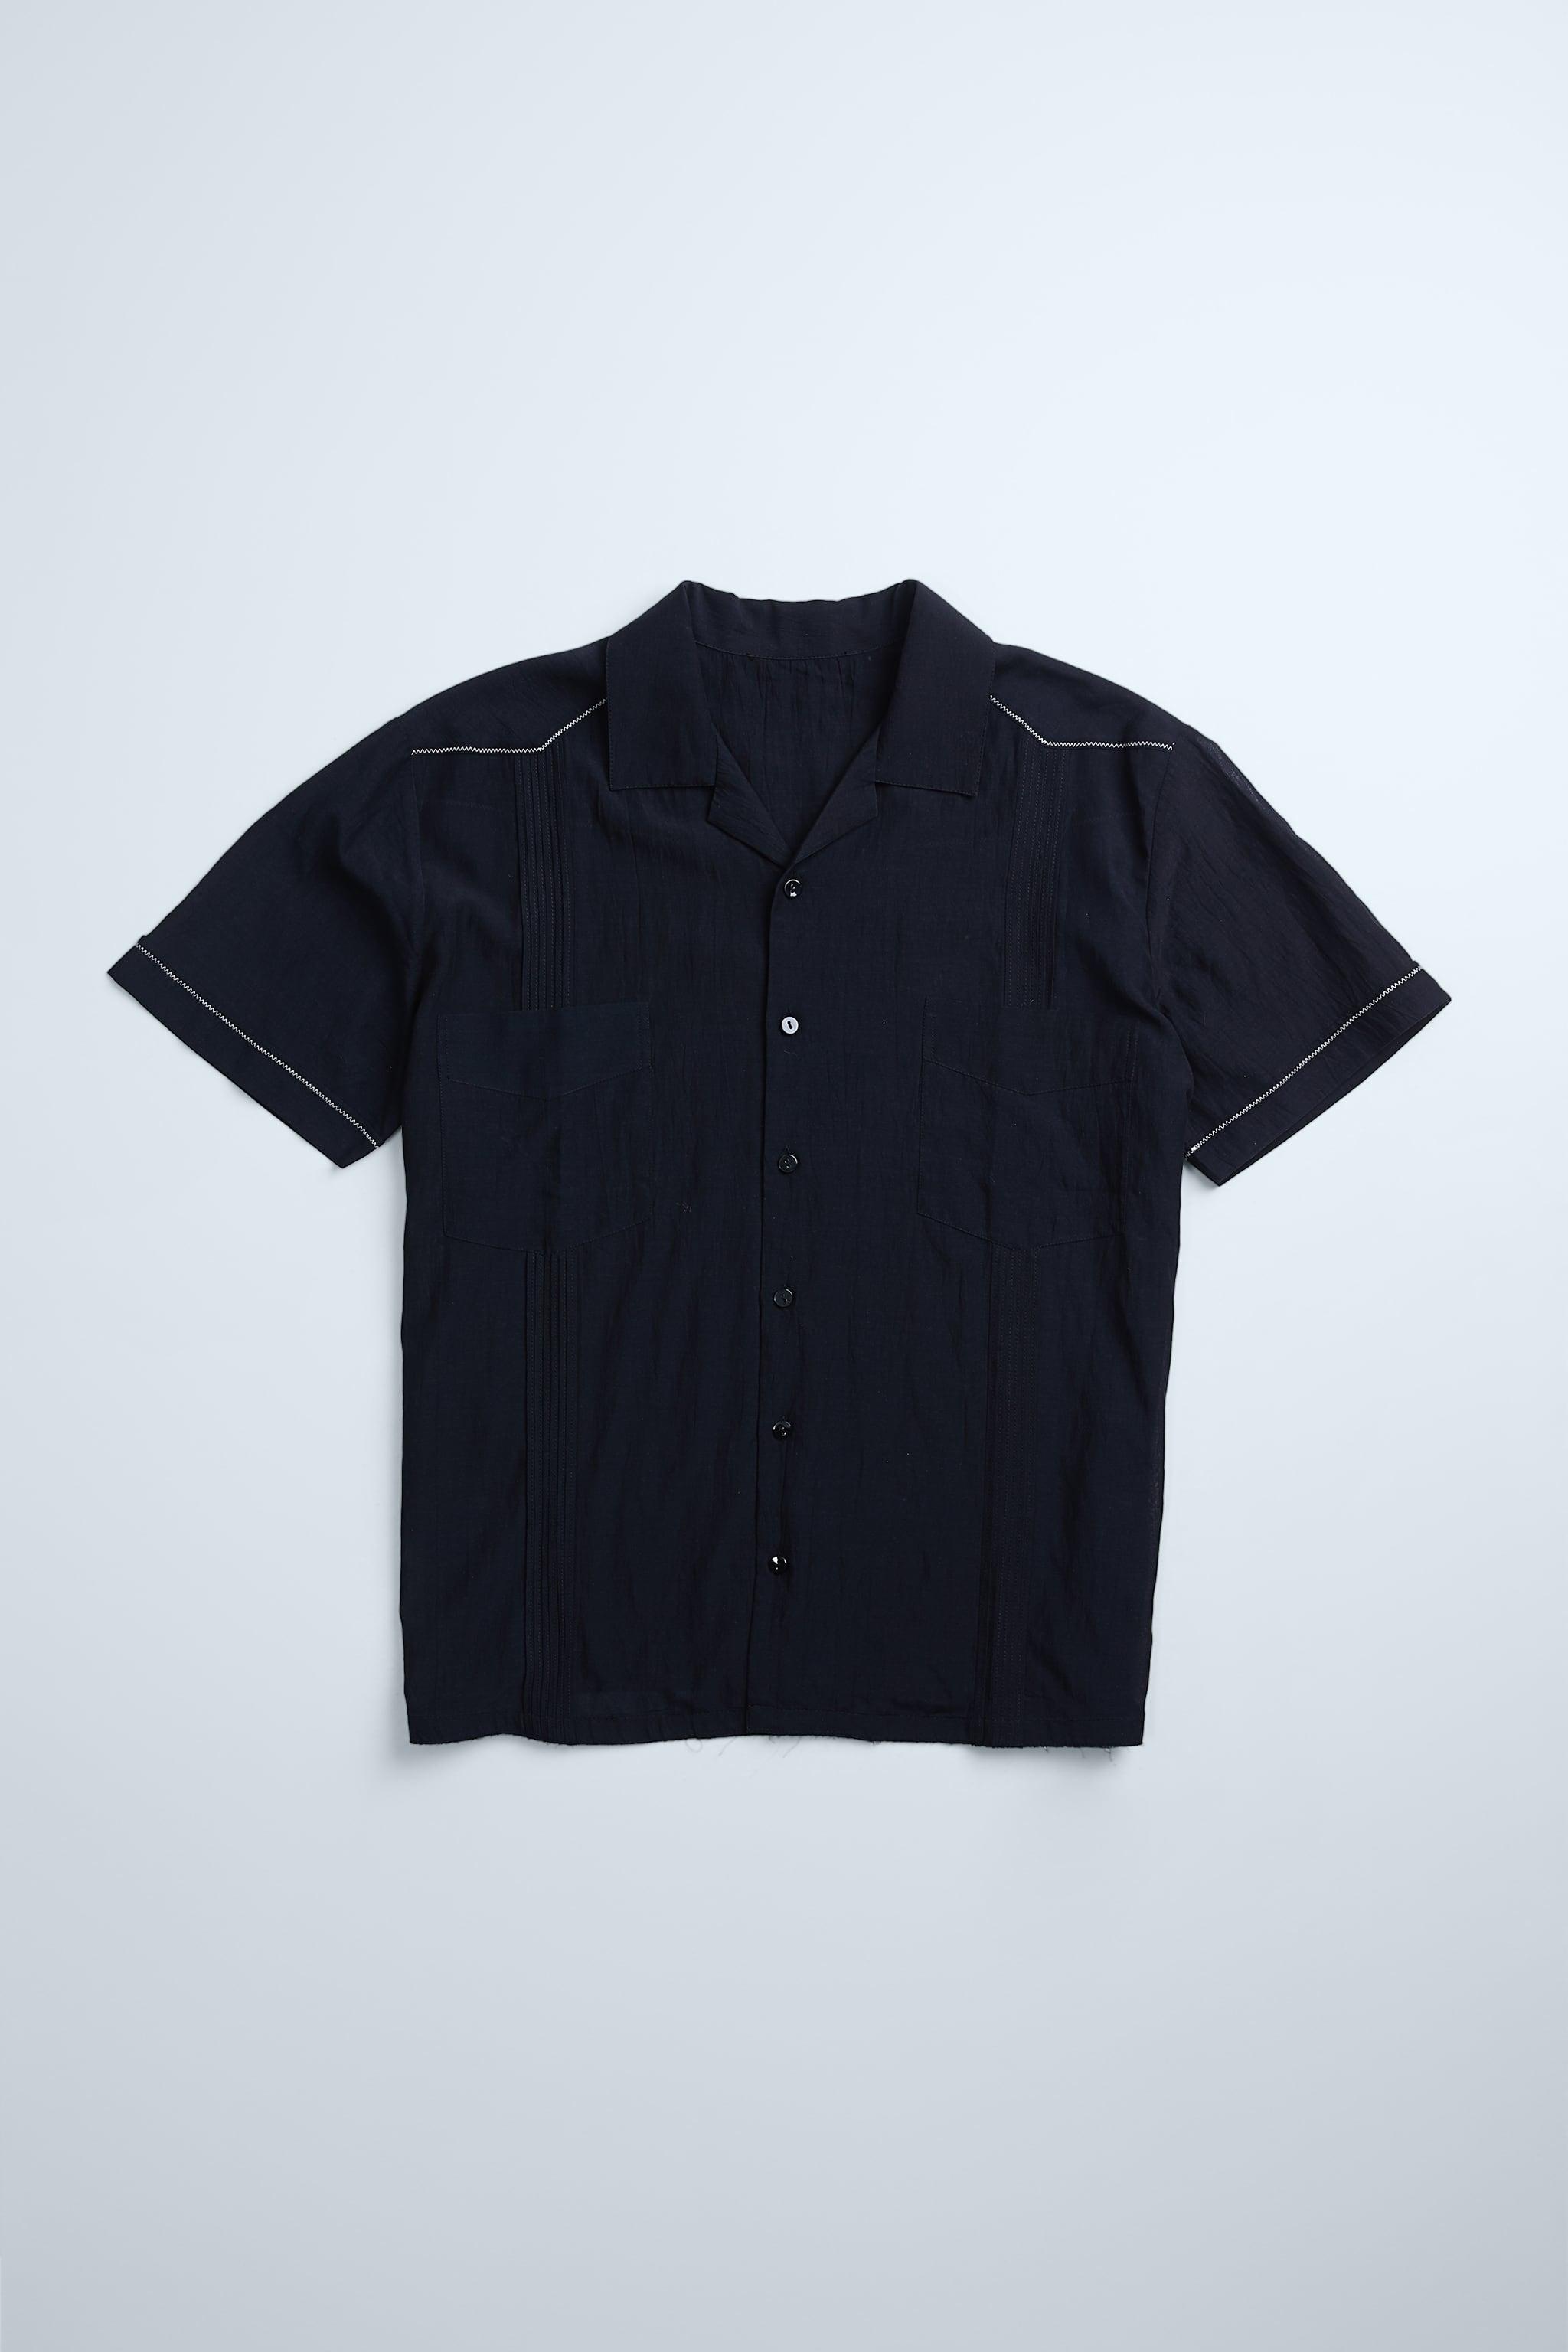 자라 Zara TOPSTITCHING DETAIL SHIRT,Black